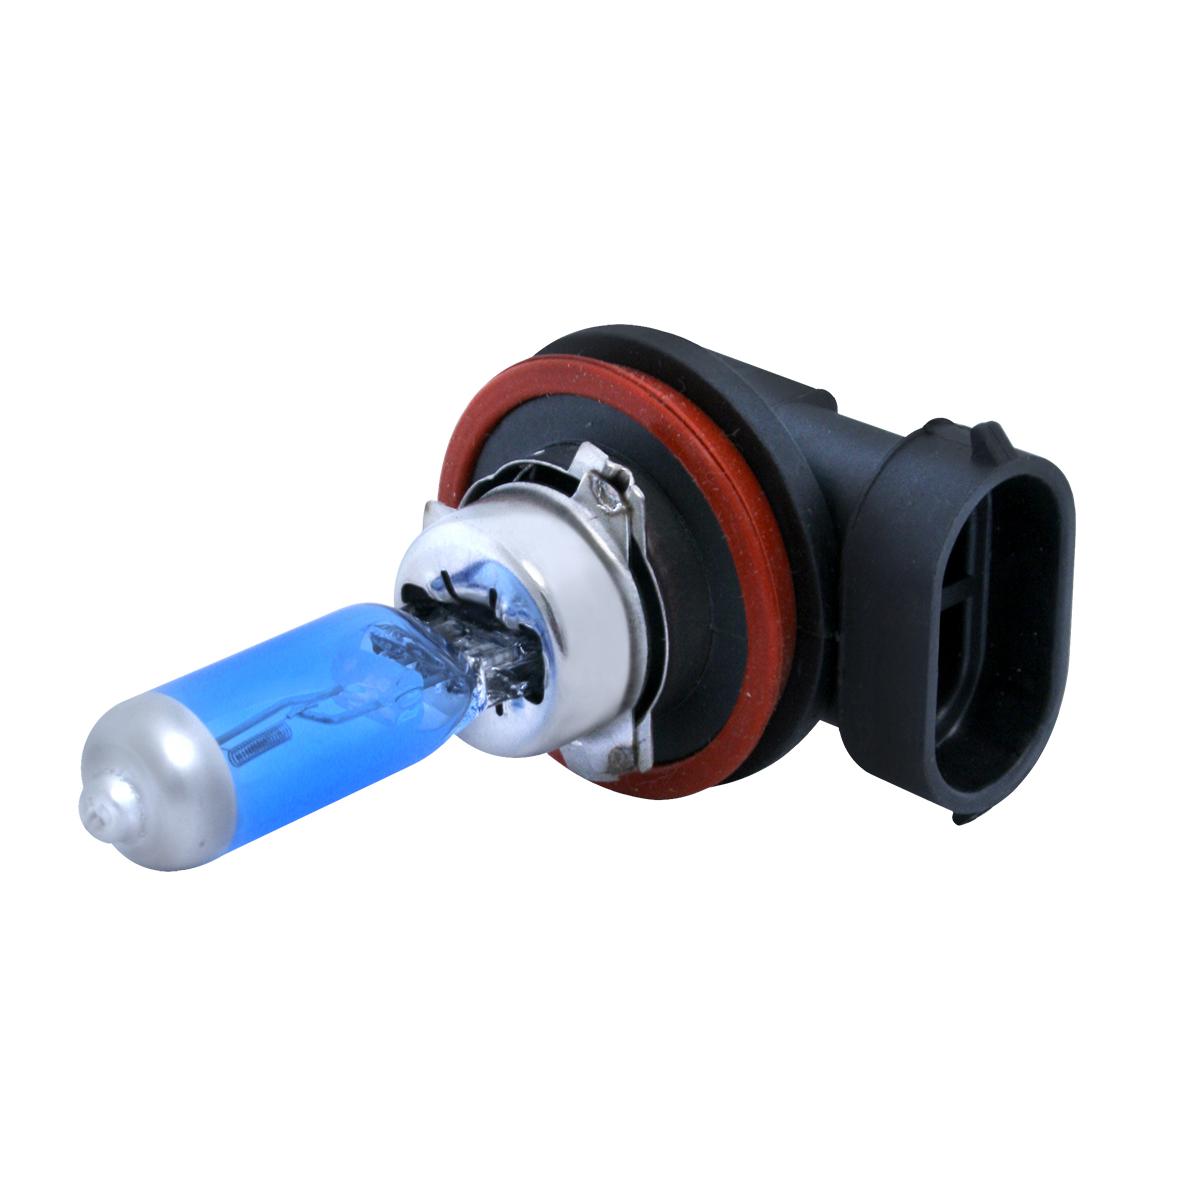 H8 Headlight Halogen Bulb Grand General Auto Parts